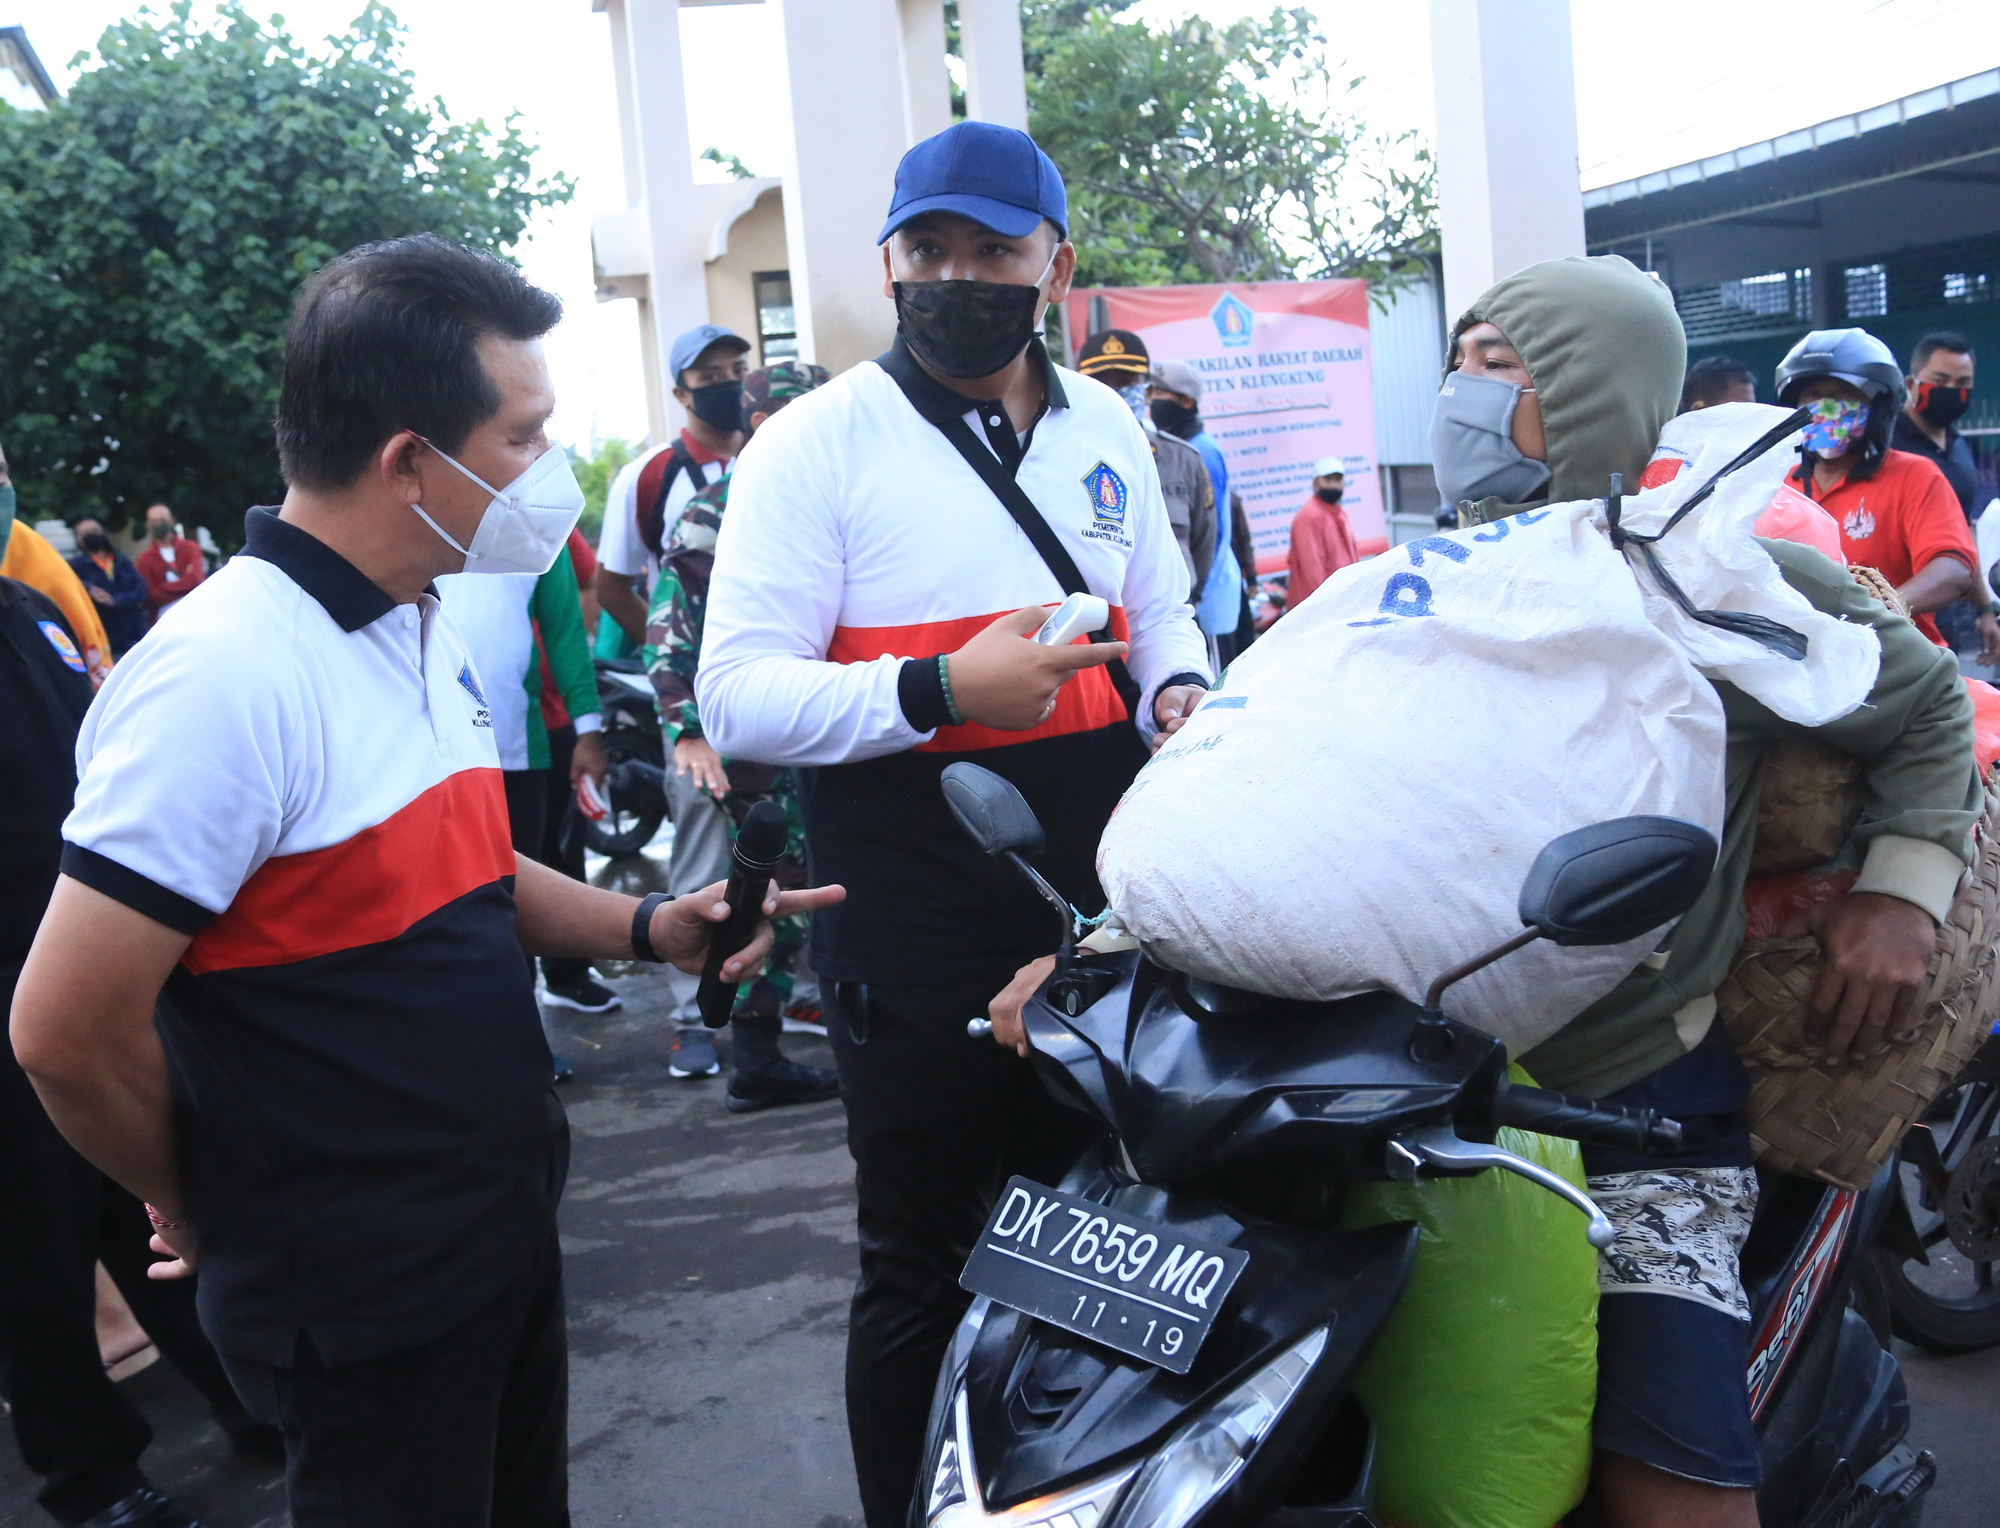 Foto: PASAR GALIRAN POS BALI/BAW PETUGAS melakukan pengawasan di pintu masuk Pasar Umum Galiran, Kamis (25/6).